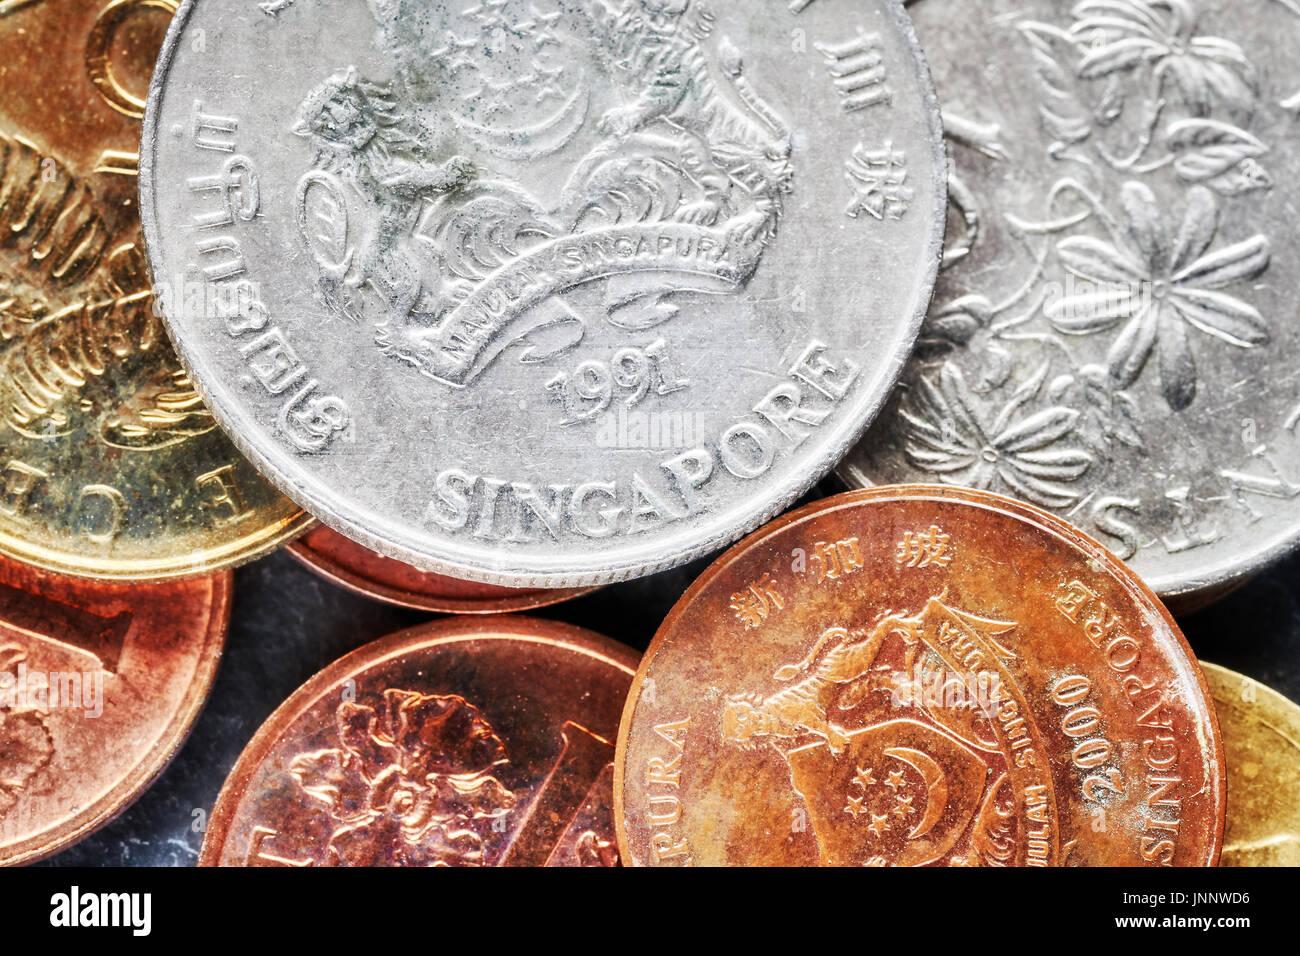 Nahaufnahme Bild Von Singapur Dollar Münzen Geringe Schärfentiefe